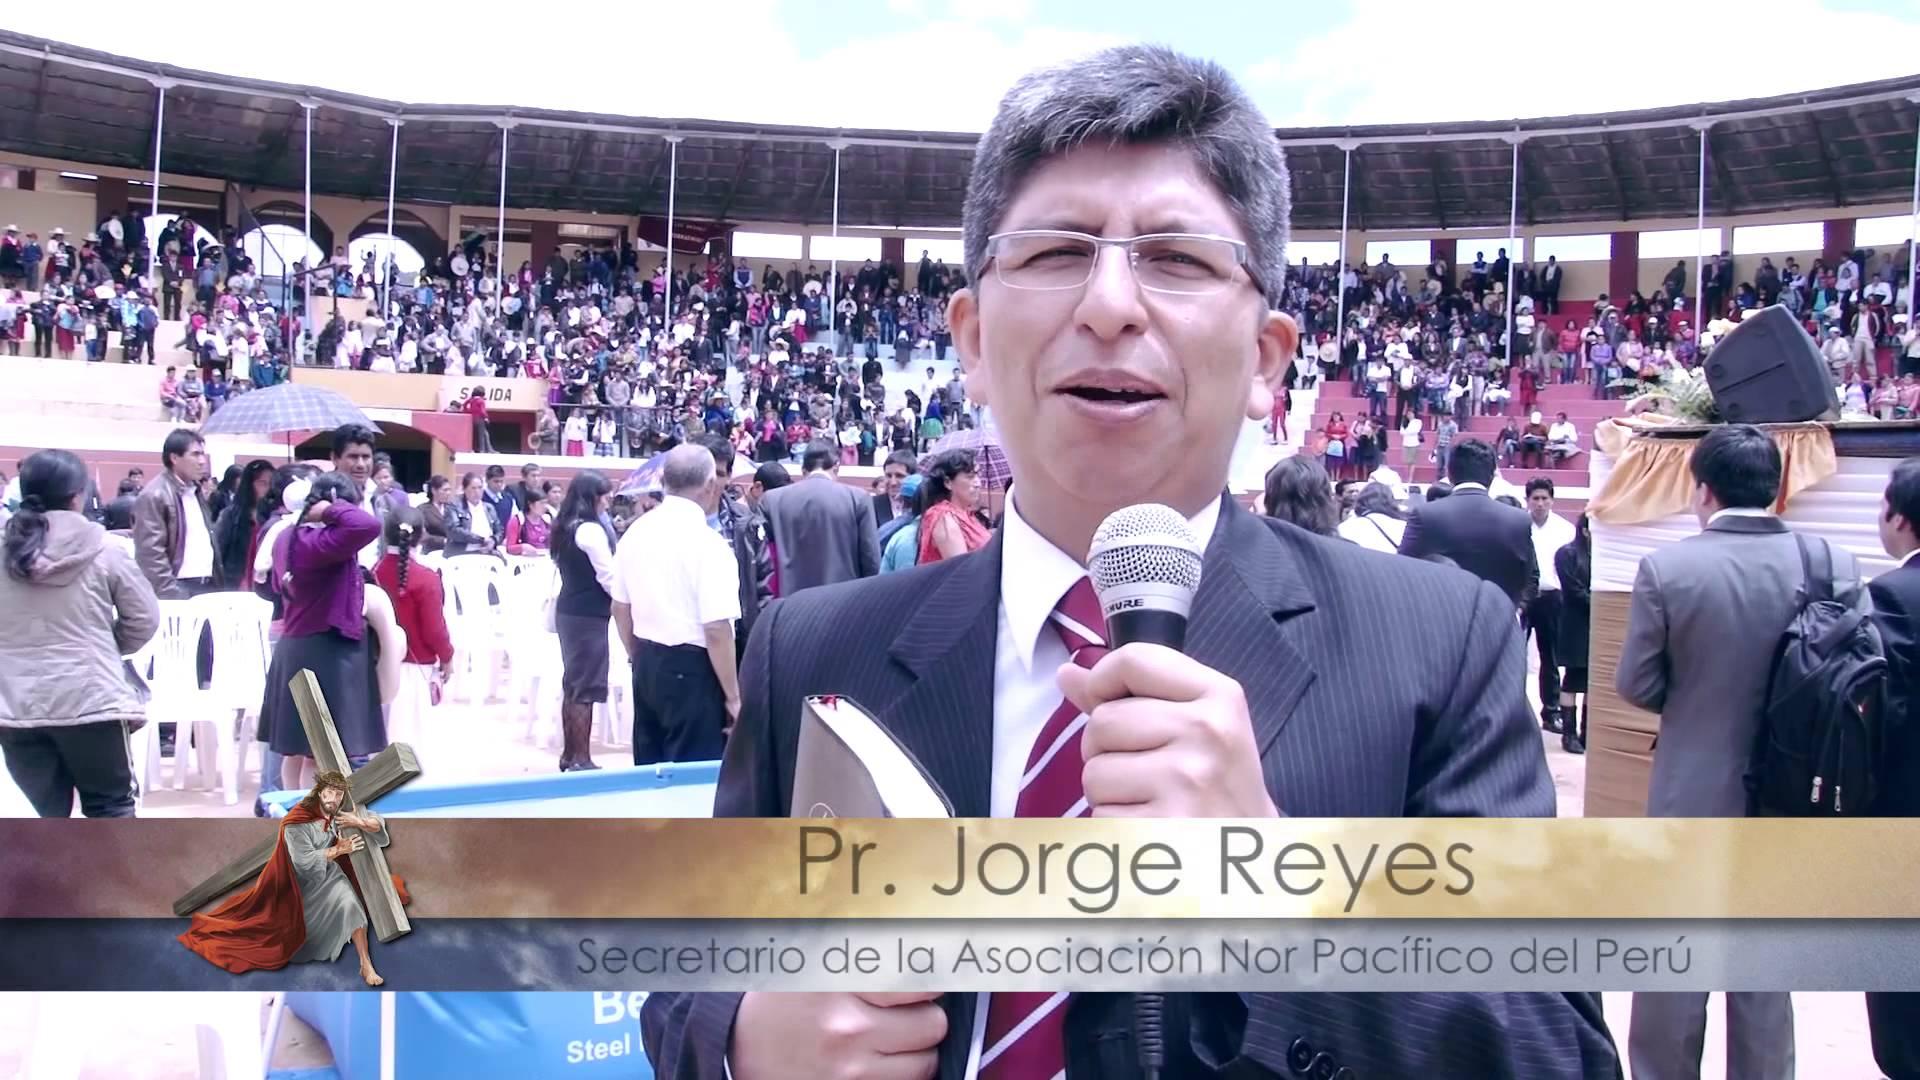 Decenas se bautizan en Caravana de Esperanza en Huamachuco, Perú